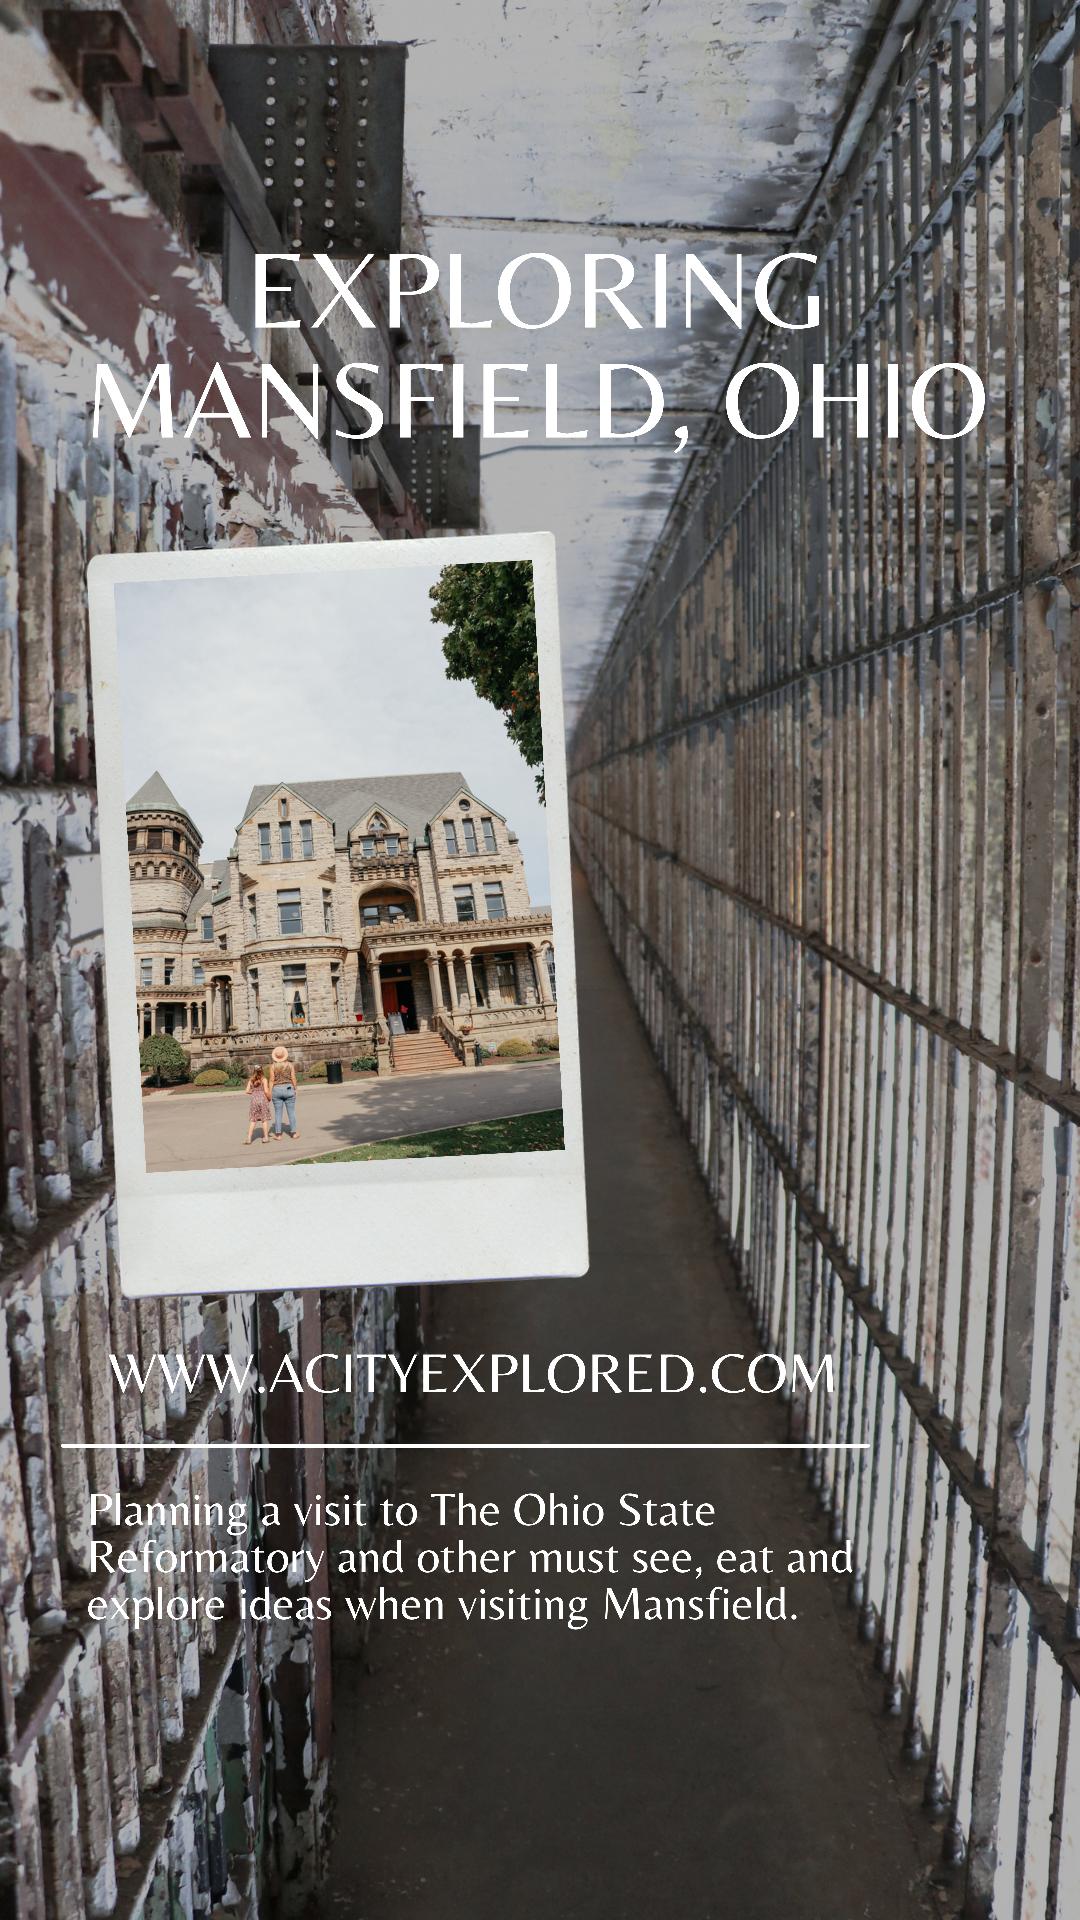 Exploring Mansfield, Ohio